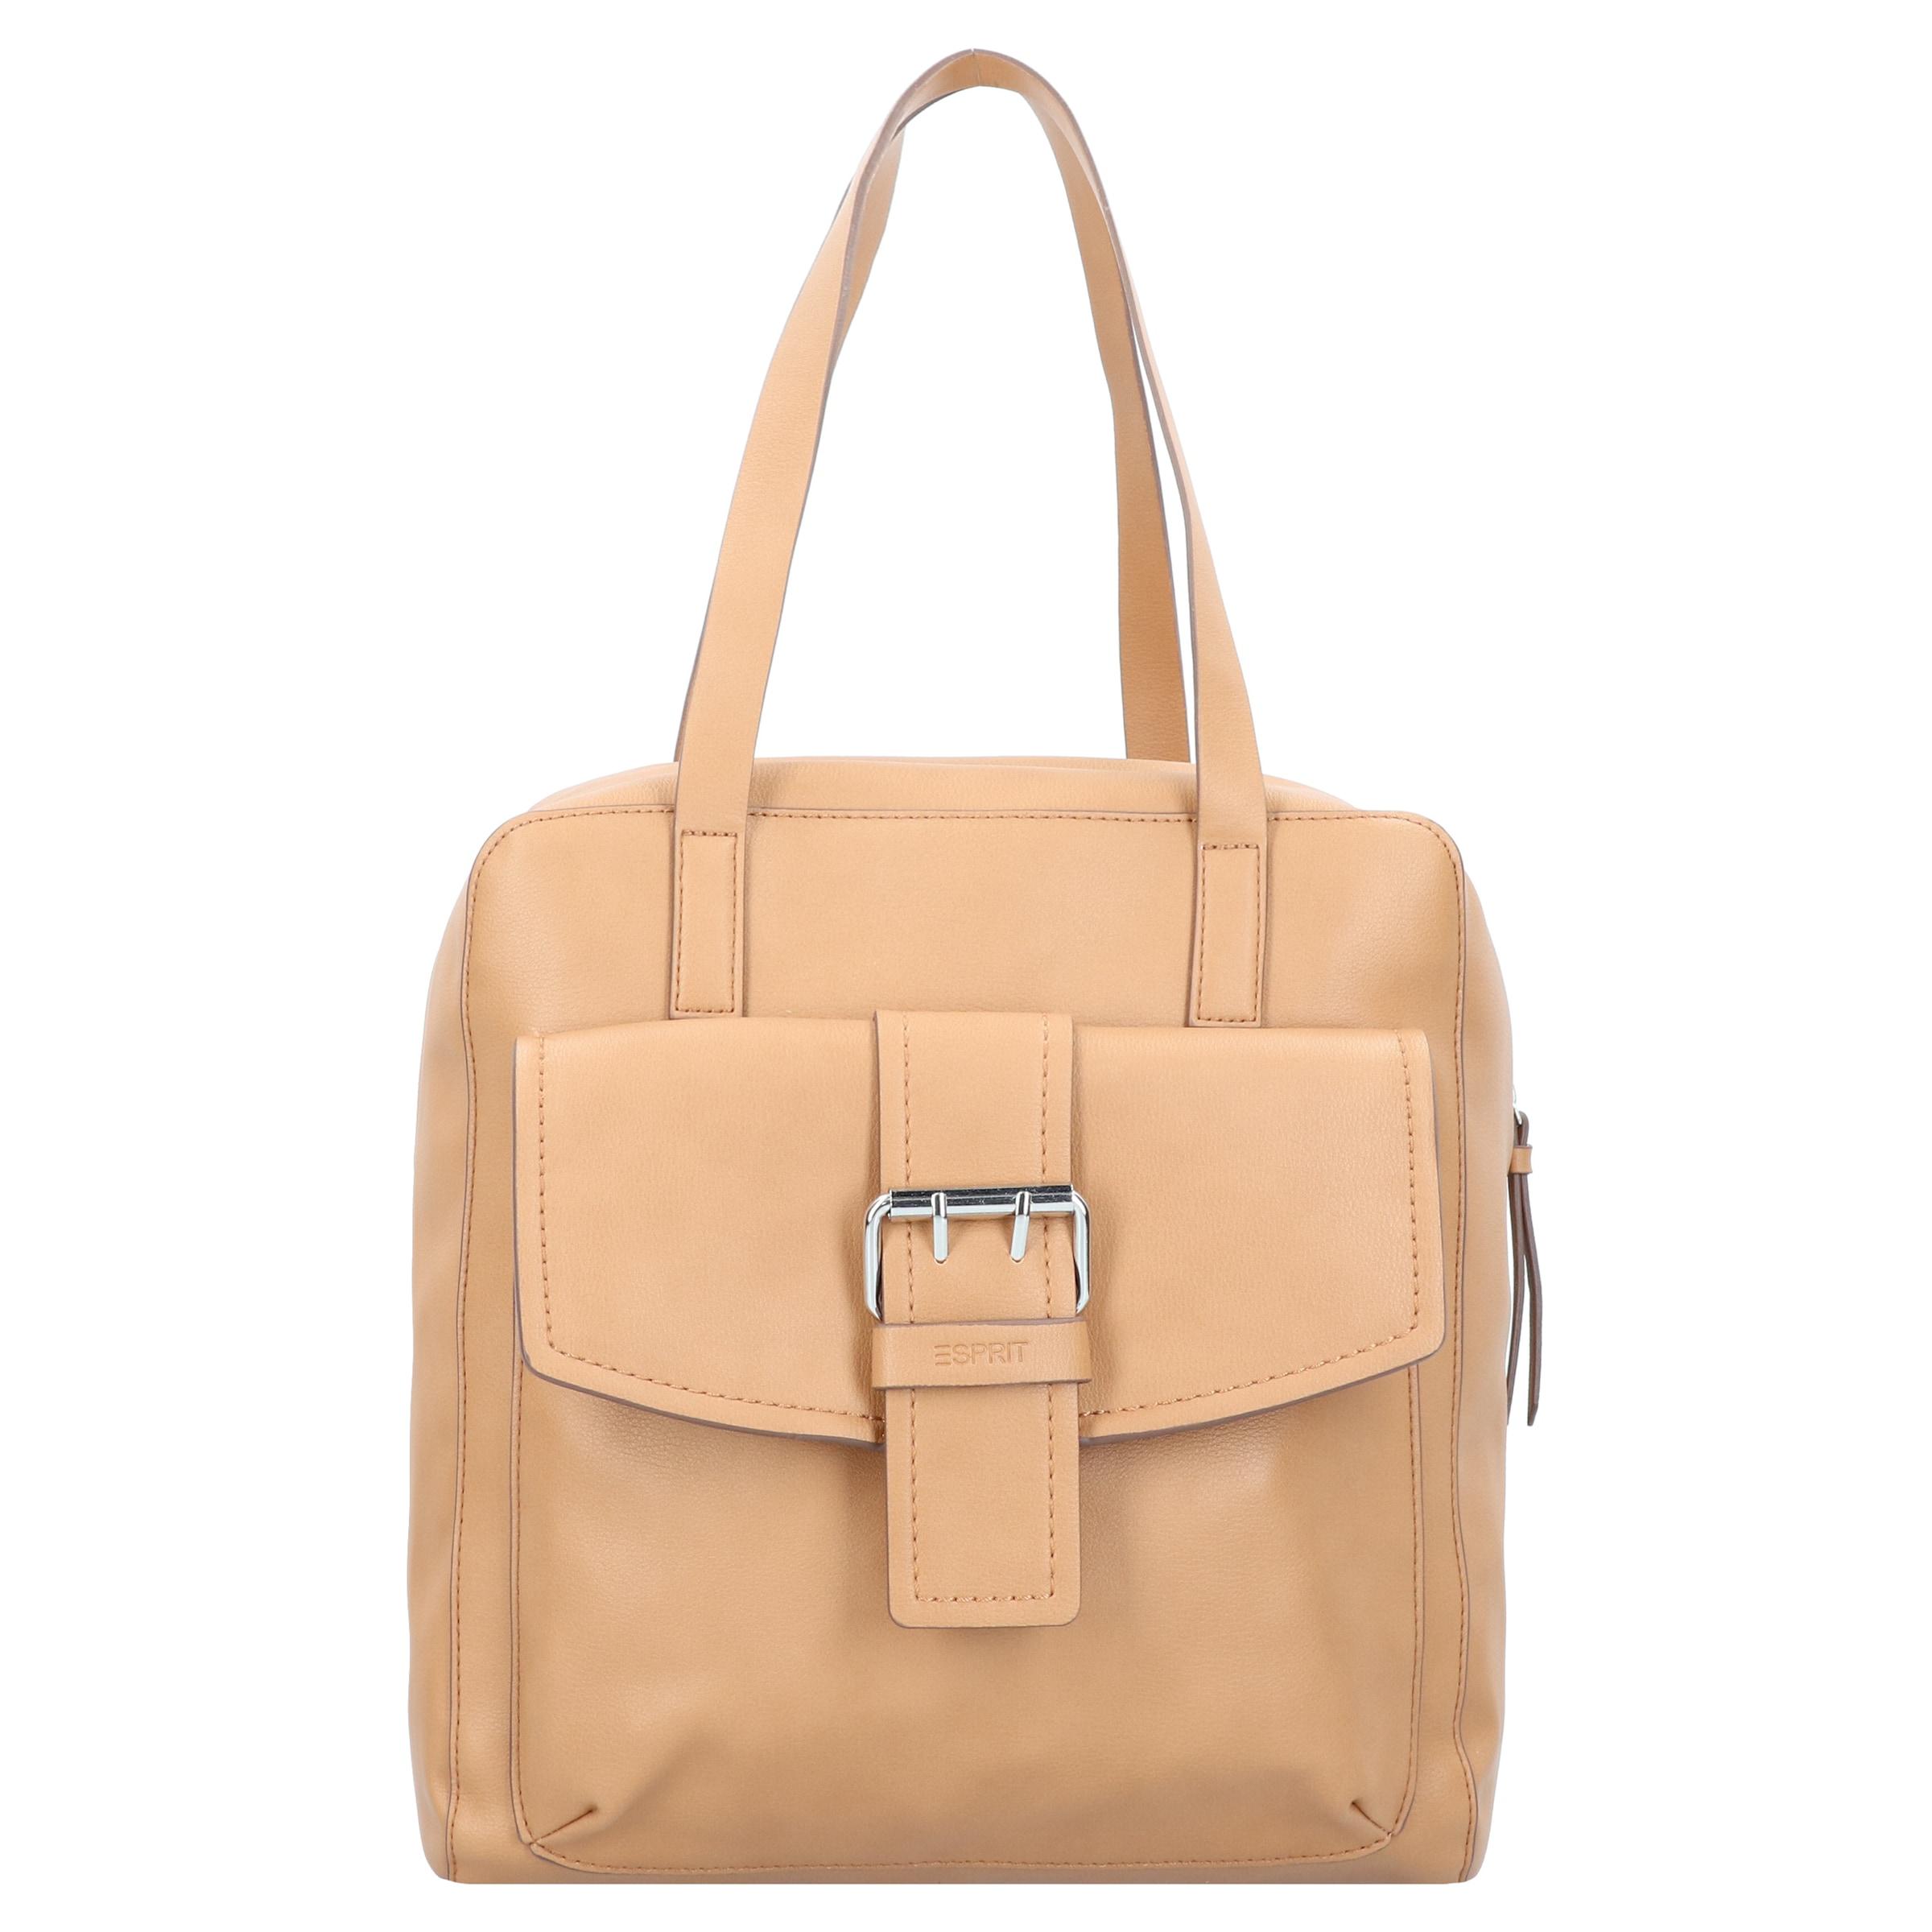 'marcie' Esprit In Shopper Shopper In Camel 'marcie' Esprit 7IYbfv6yg